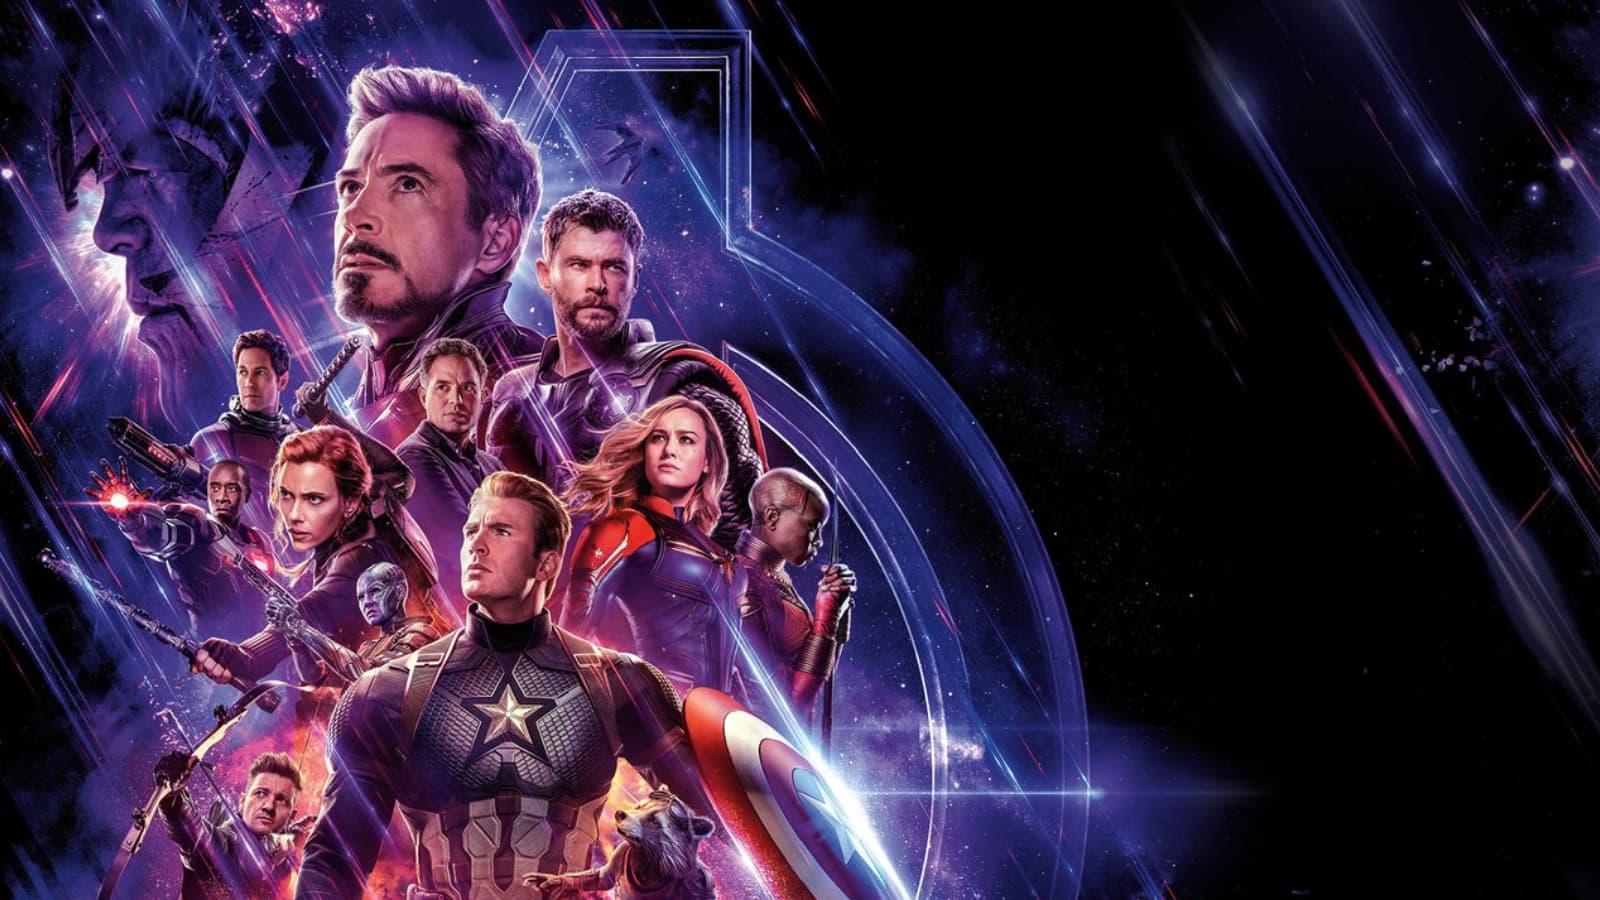 Les aventures des Avengers sont disponibles en VOD sur la box SFR